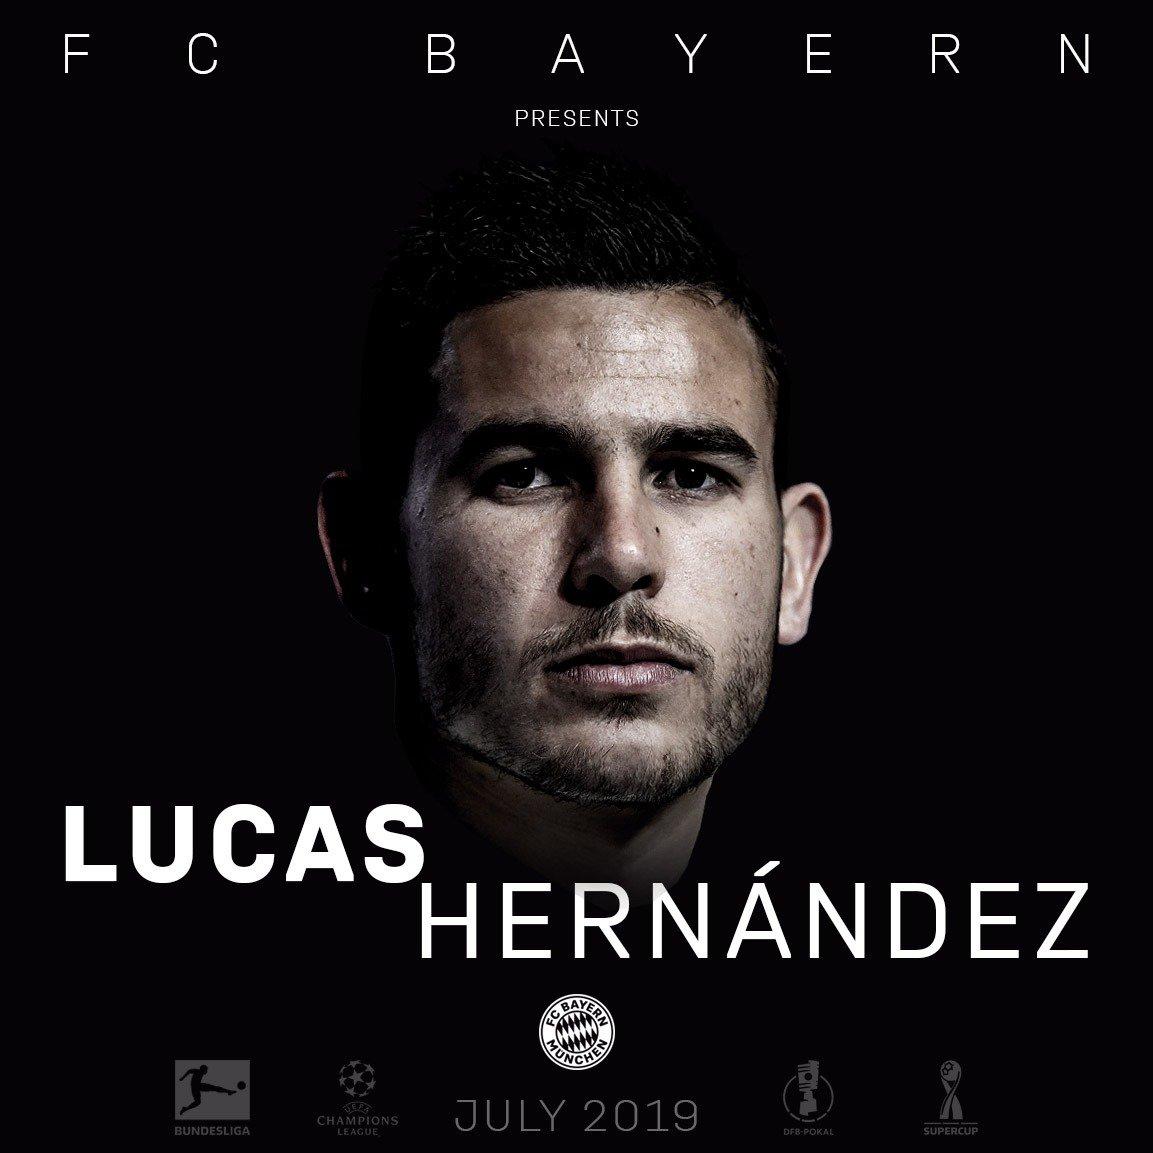 Les Clubs De Foot Les Plus Dépensiers Du Mercato D été: Mercato Atlético Madrid : Saison Terminée Pour Hernandez